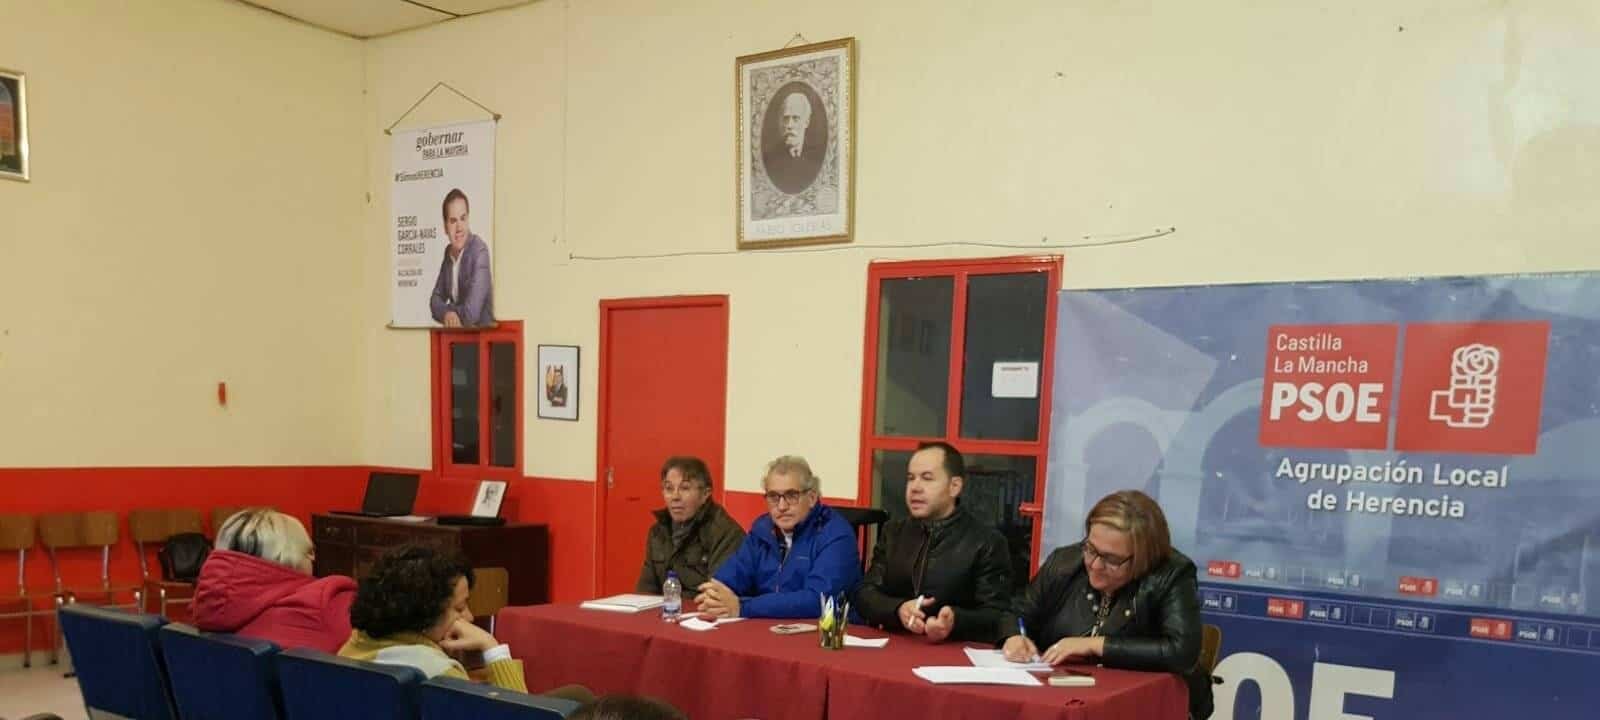 PSOE de Herencia celebra su última Asamblea del año 3